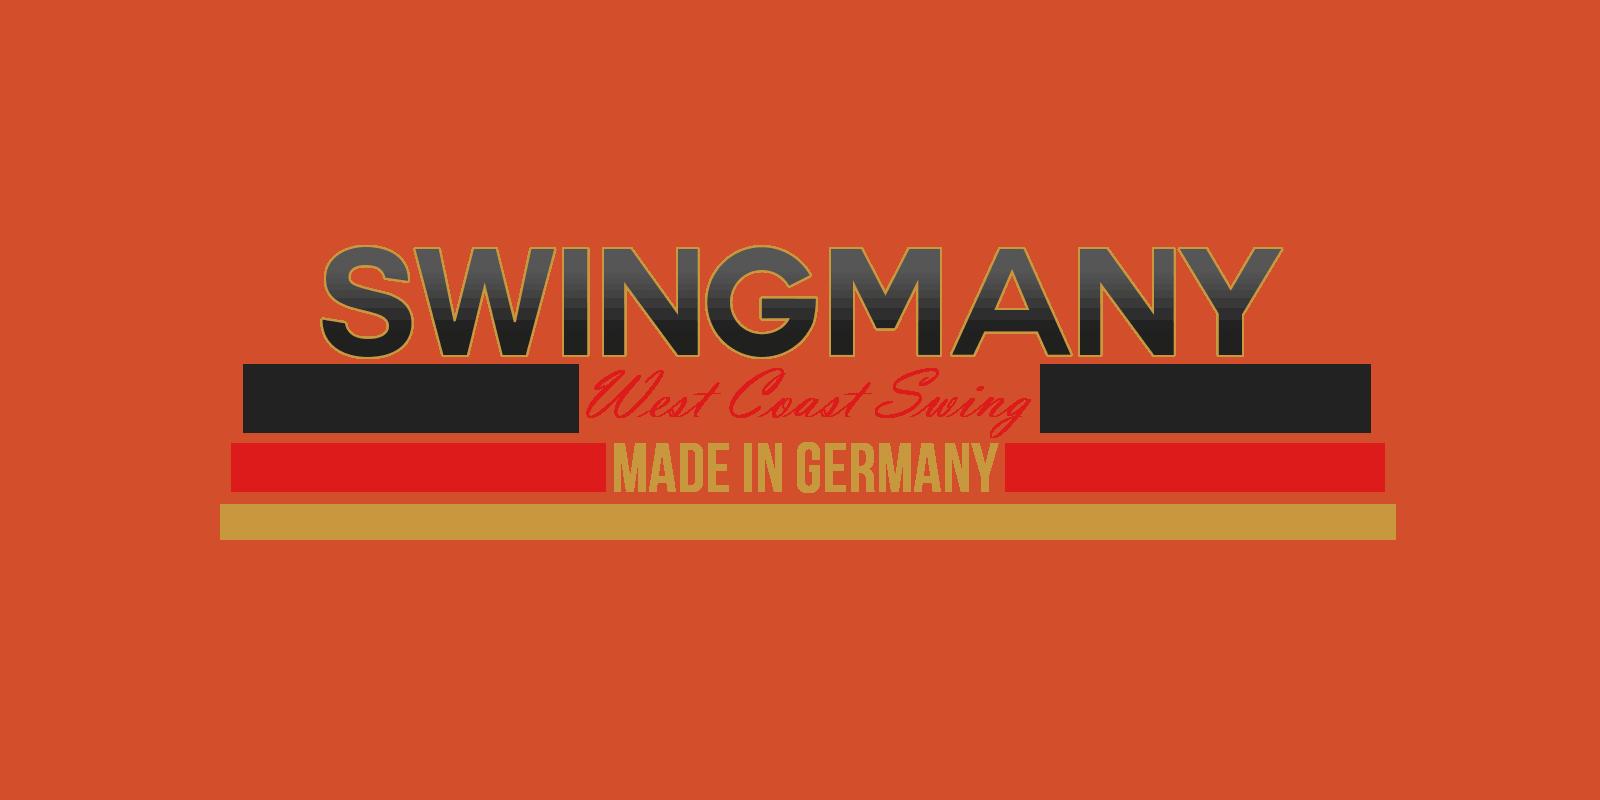 SWINGMANY Festival West Coast Swing